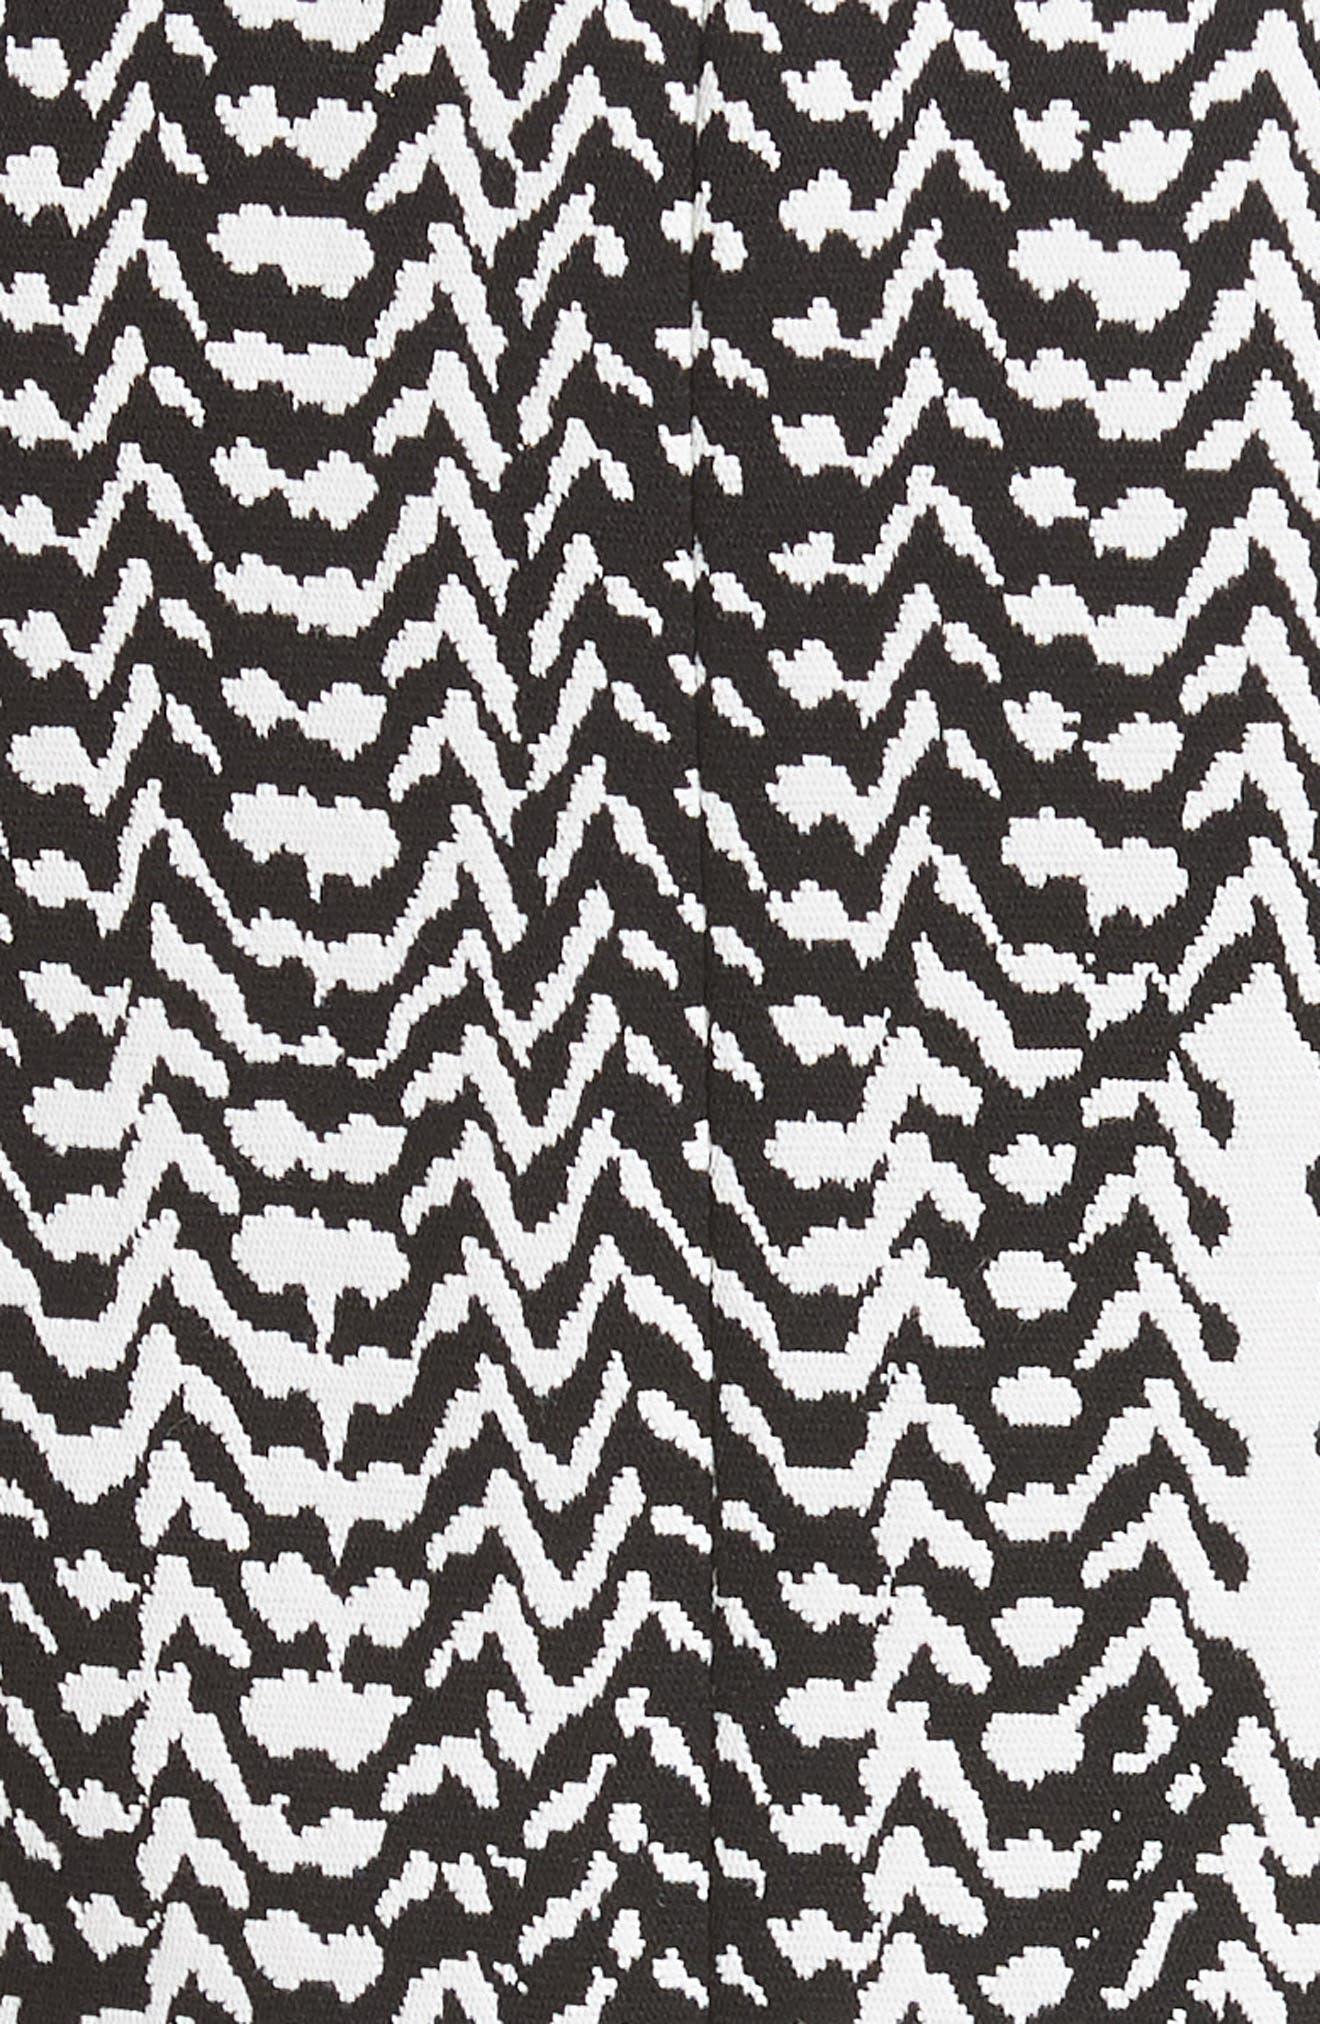 Herringbone Jacquard Sheath Dress,                             Alternate thumbnail 5, color,                             BLACK/ CHALK